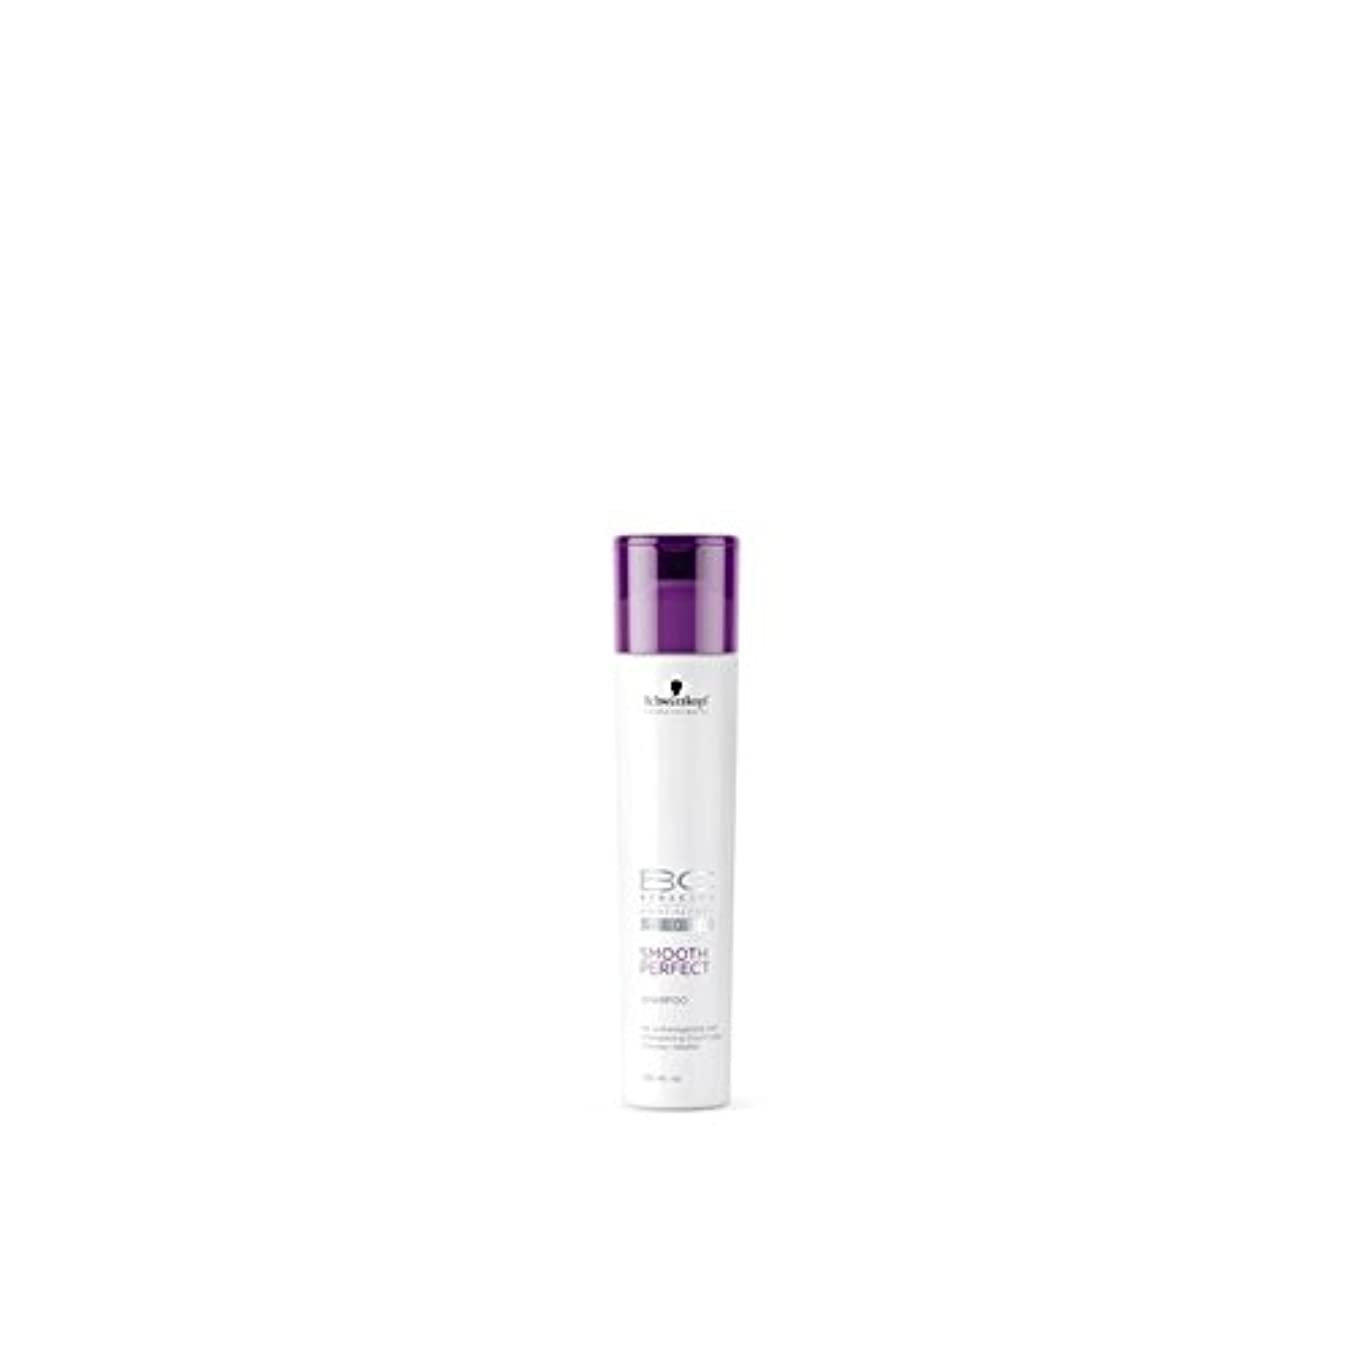 急性ふくろう信じられないSchwarzkopf Bc Smooth Perfect Shampoo (250ml) - なめらかな完璧なシャンプー(250ミリリットル)シュワルツコフ [並行輸入品]